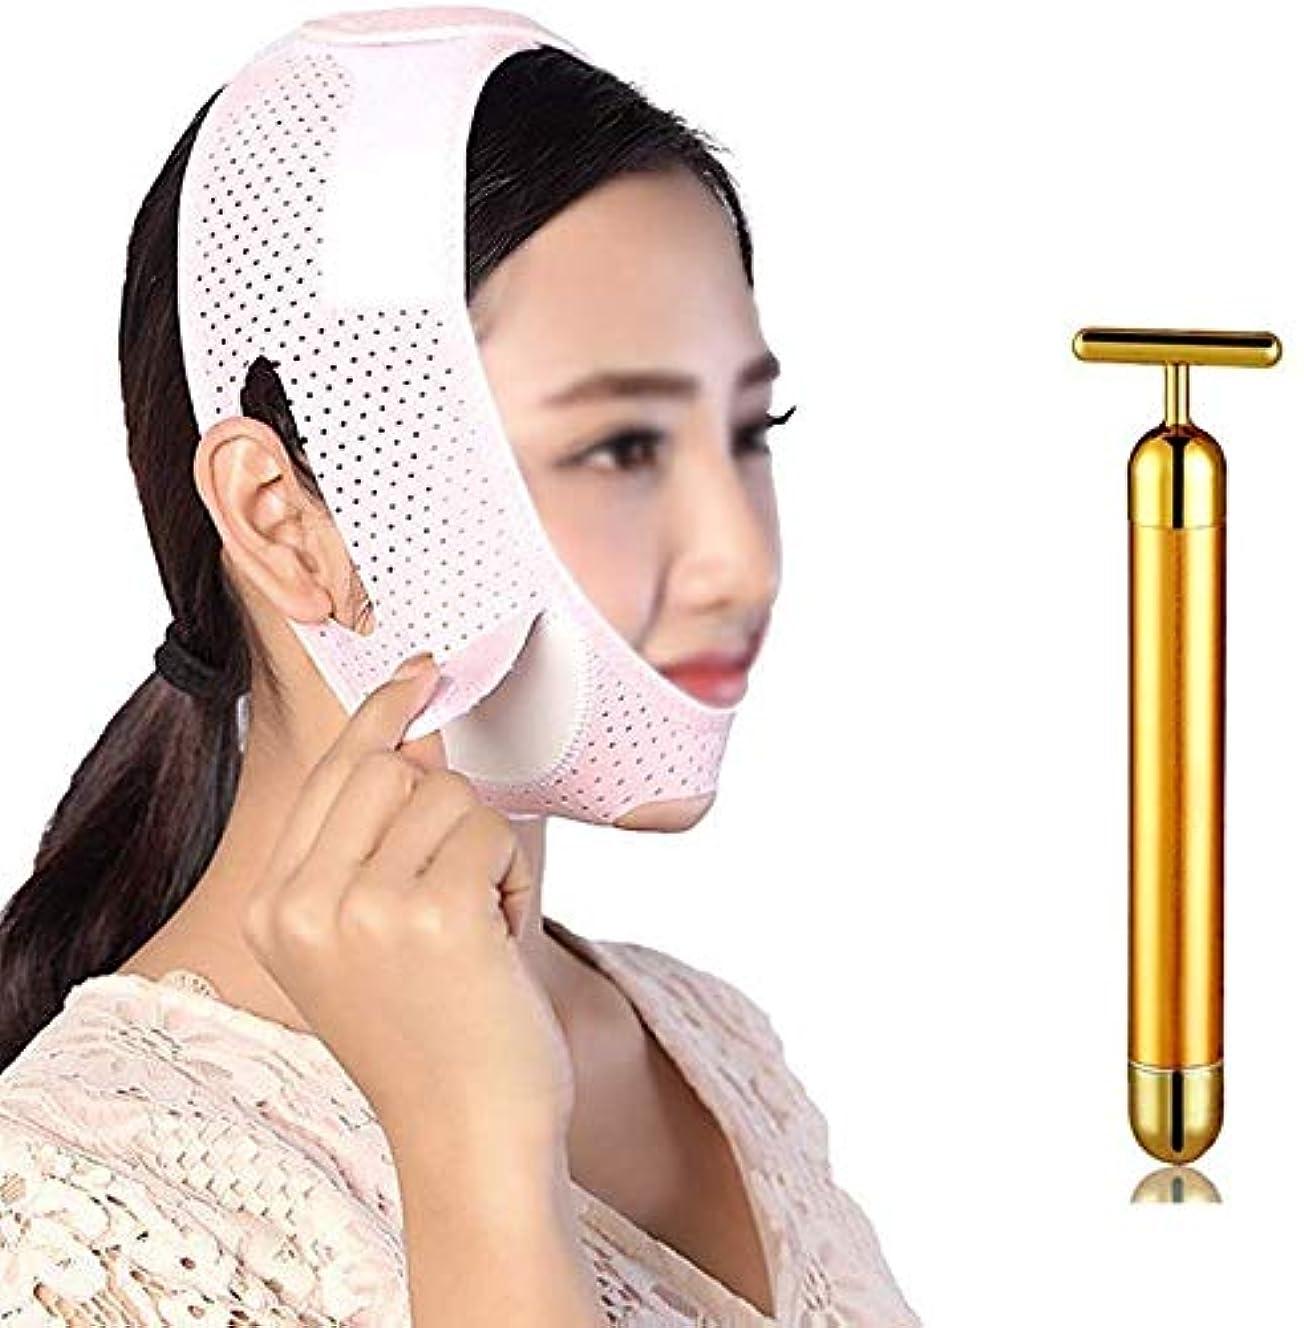 アクロバットアートドループ美しさと実用的な顔と首リフト術後弾性セットVフェイスマスクは、チンV顔アーティファクト回復サポートベルトの収縮の調整を強化します。